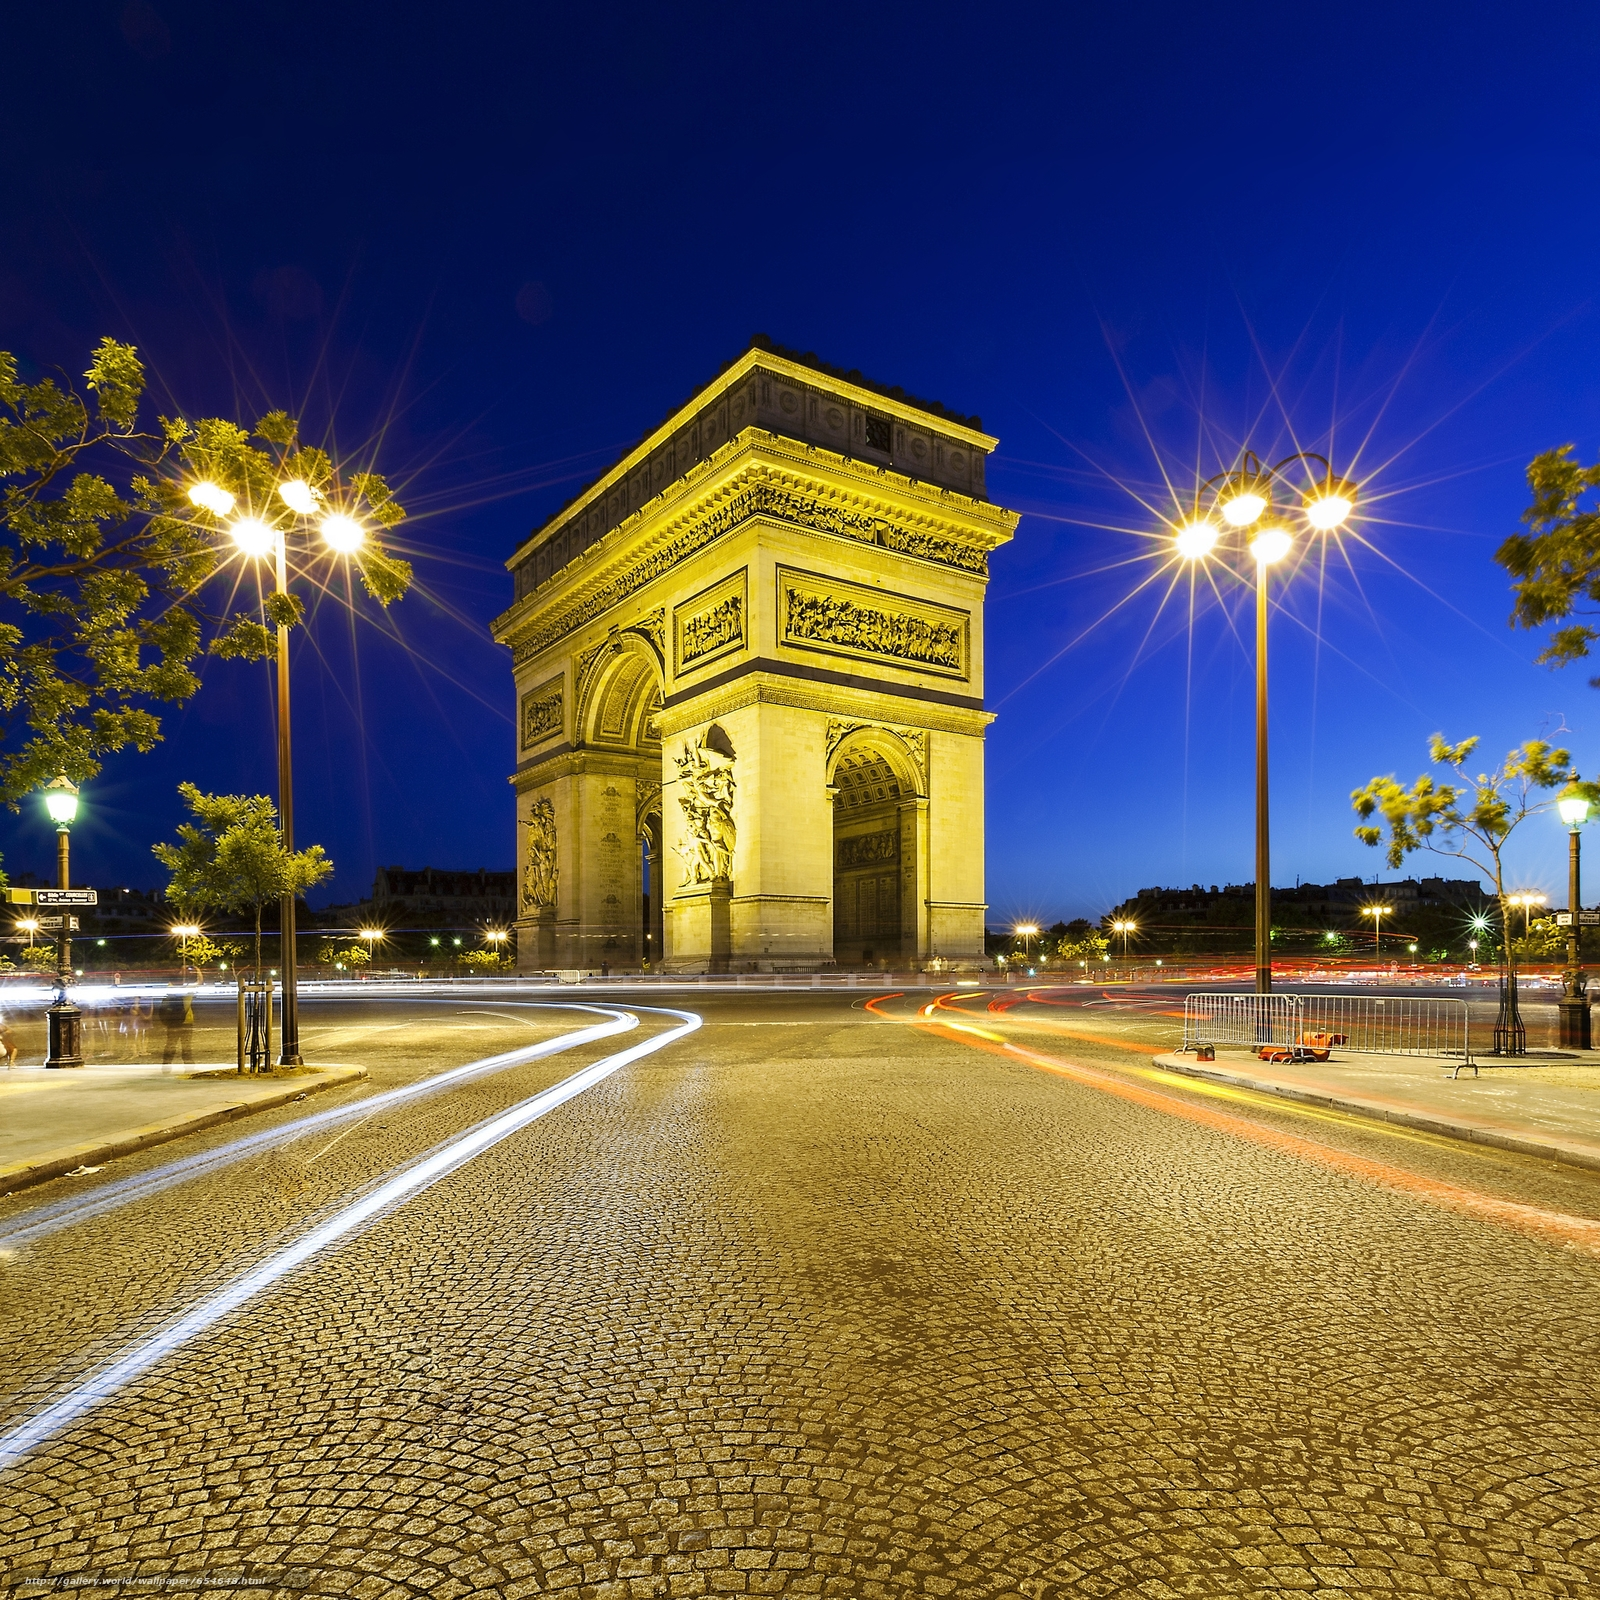 Скачать обои Paris,  France,  Париж,  Франция бесплатно для рабочего стола в разрешении 2048x2048 — картинка №654648